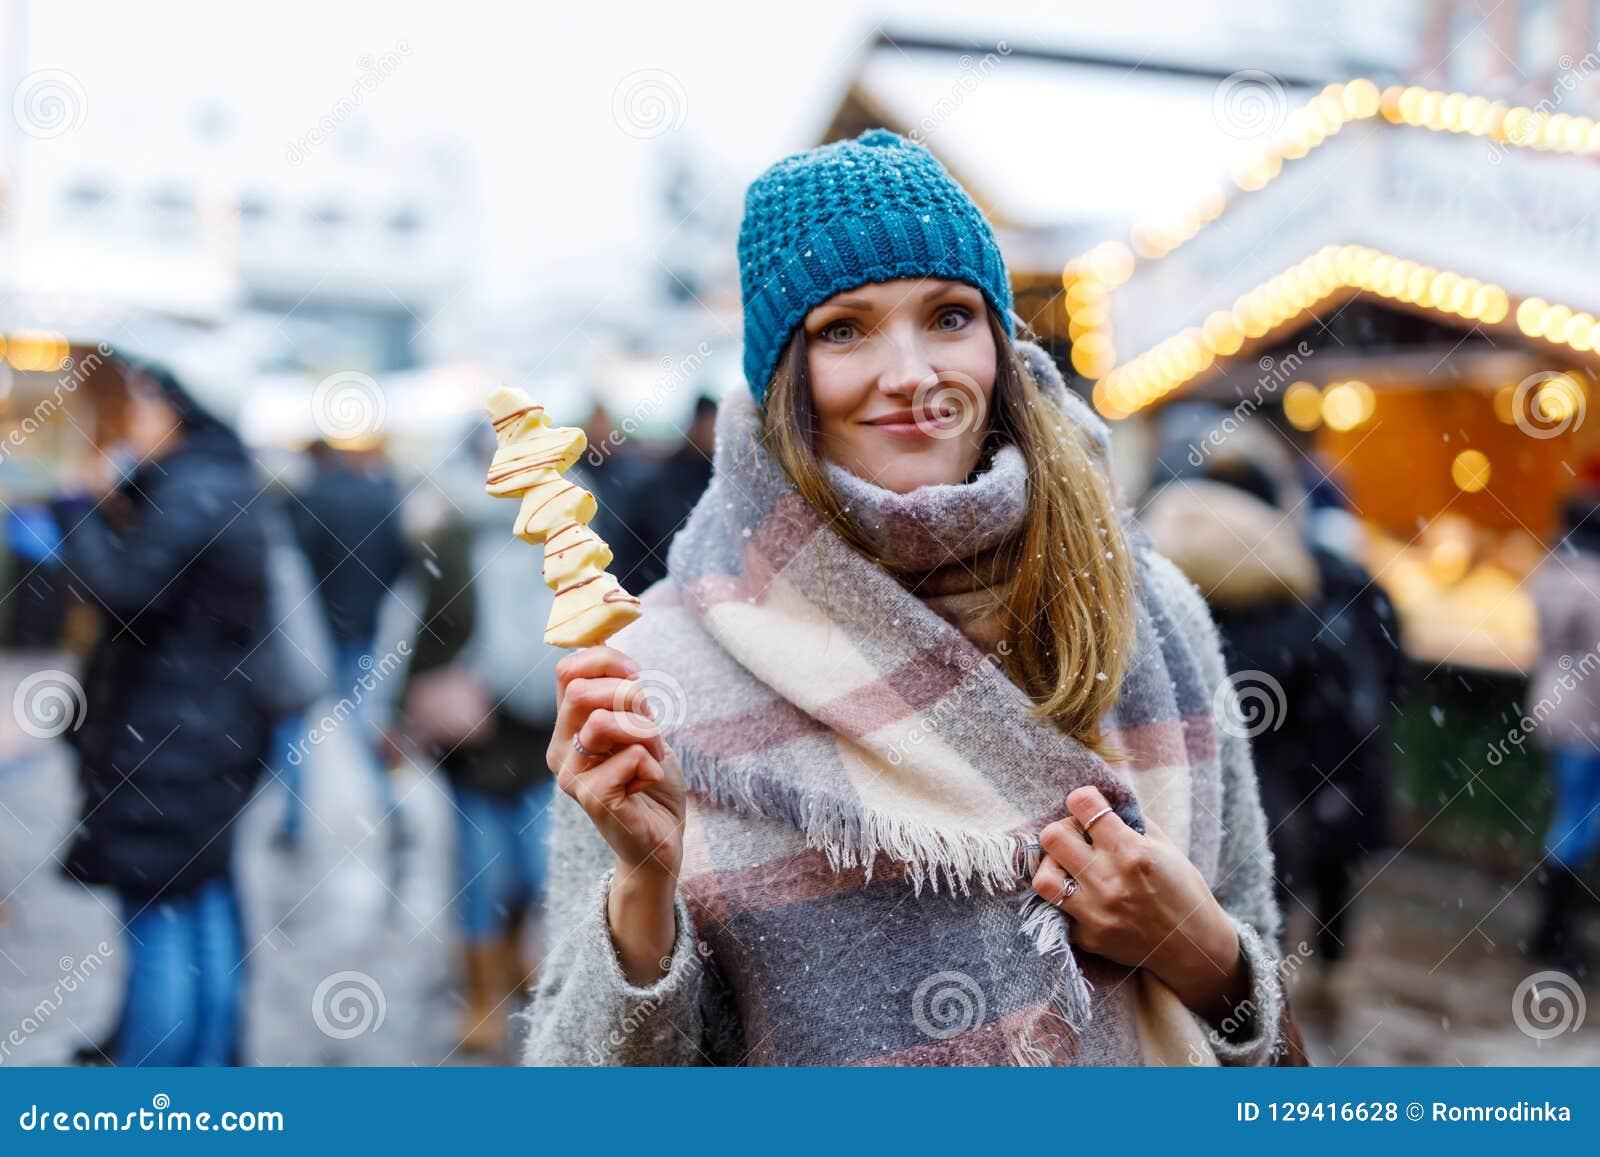 La belle jeune femme mangeant du chocolat blanc a couvert des fruits sur la brochette sur le marché allemand traditionnel de Noël